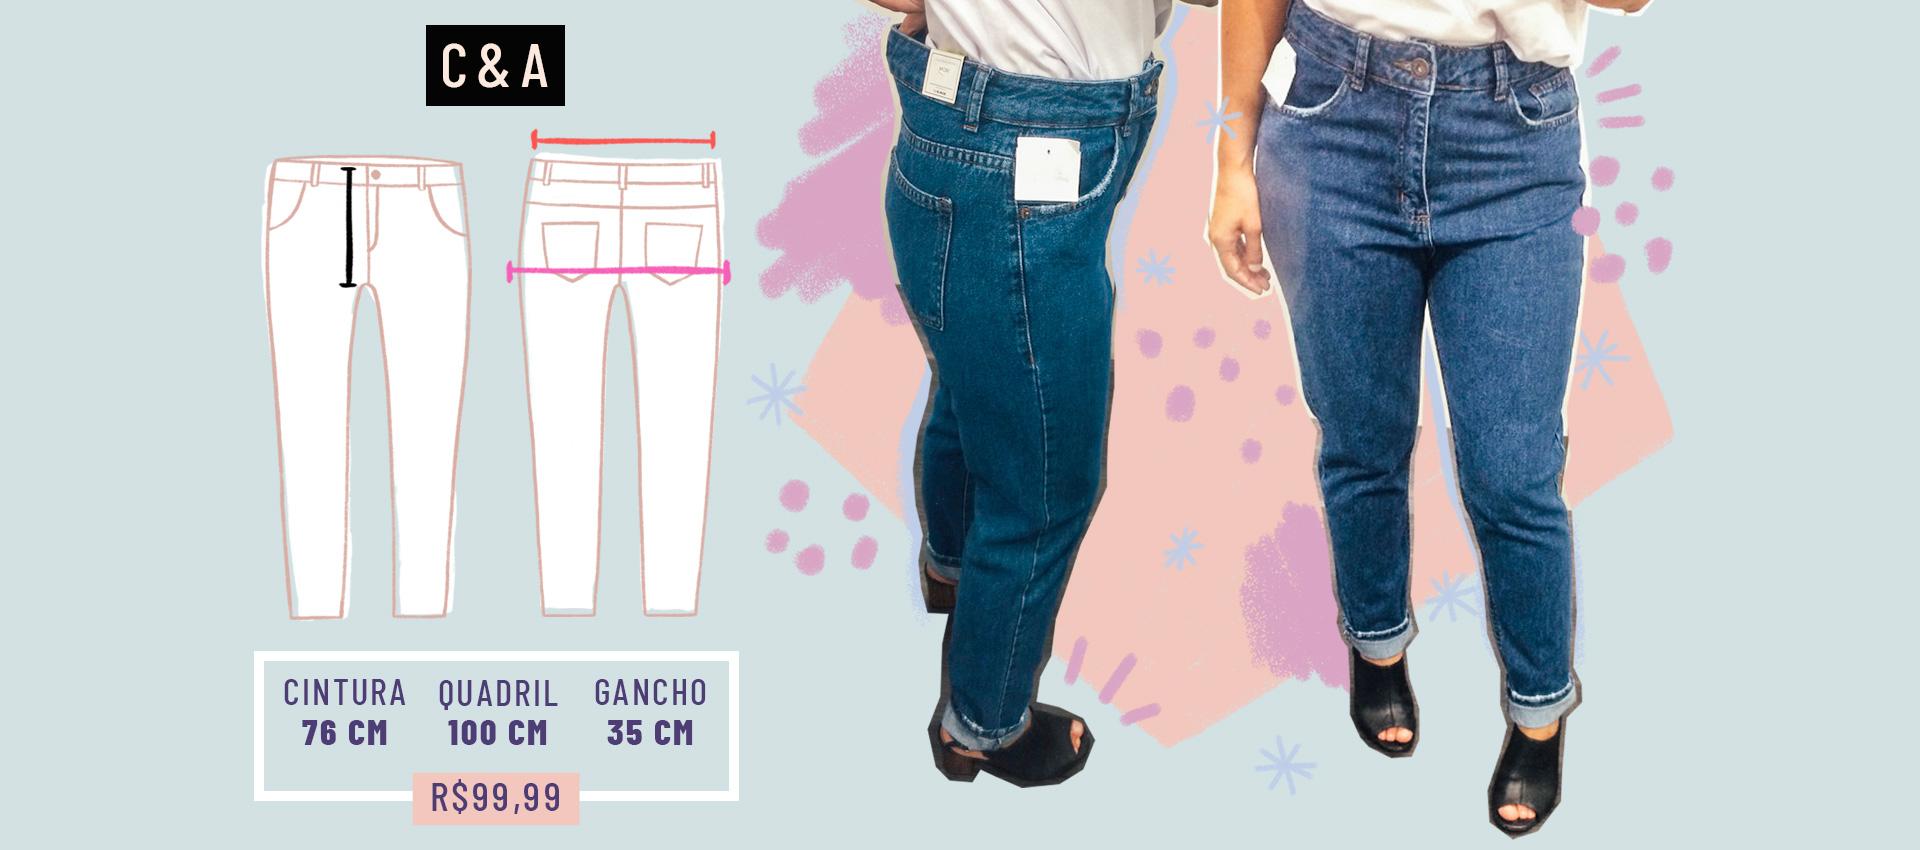 b8311675d Na C&A, tinham tantos modelos com elastano que a repórter teve de pedir  ajuda a um vendedor, que lhe trouxe uma calça sem elastano.